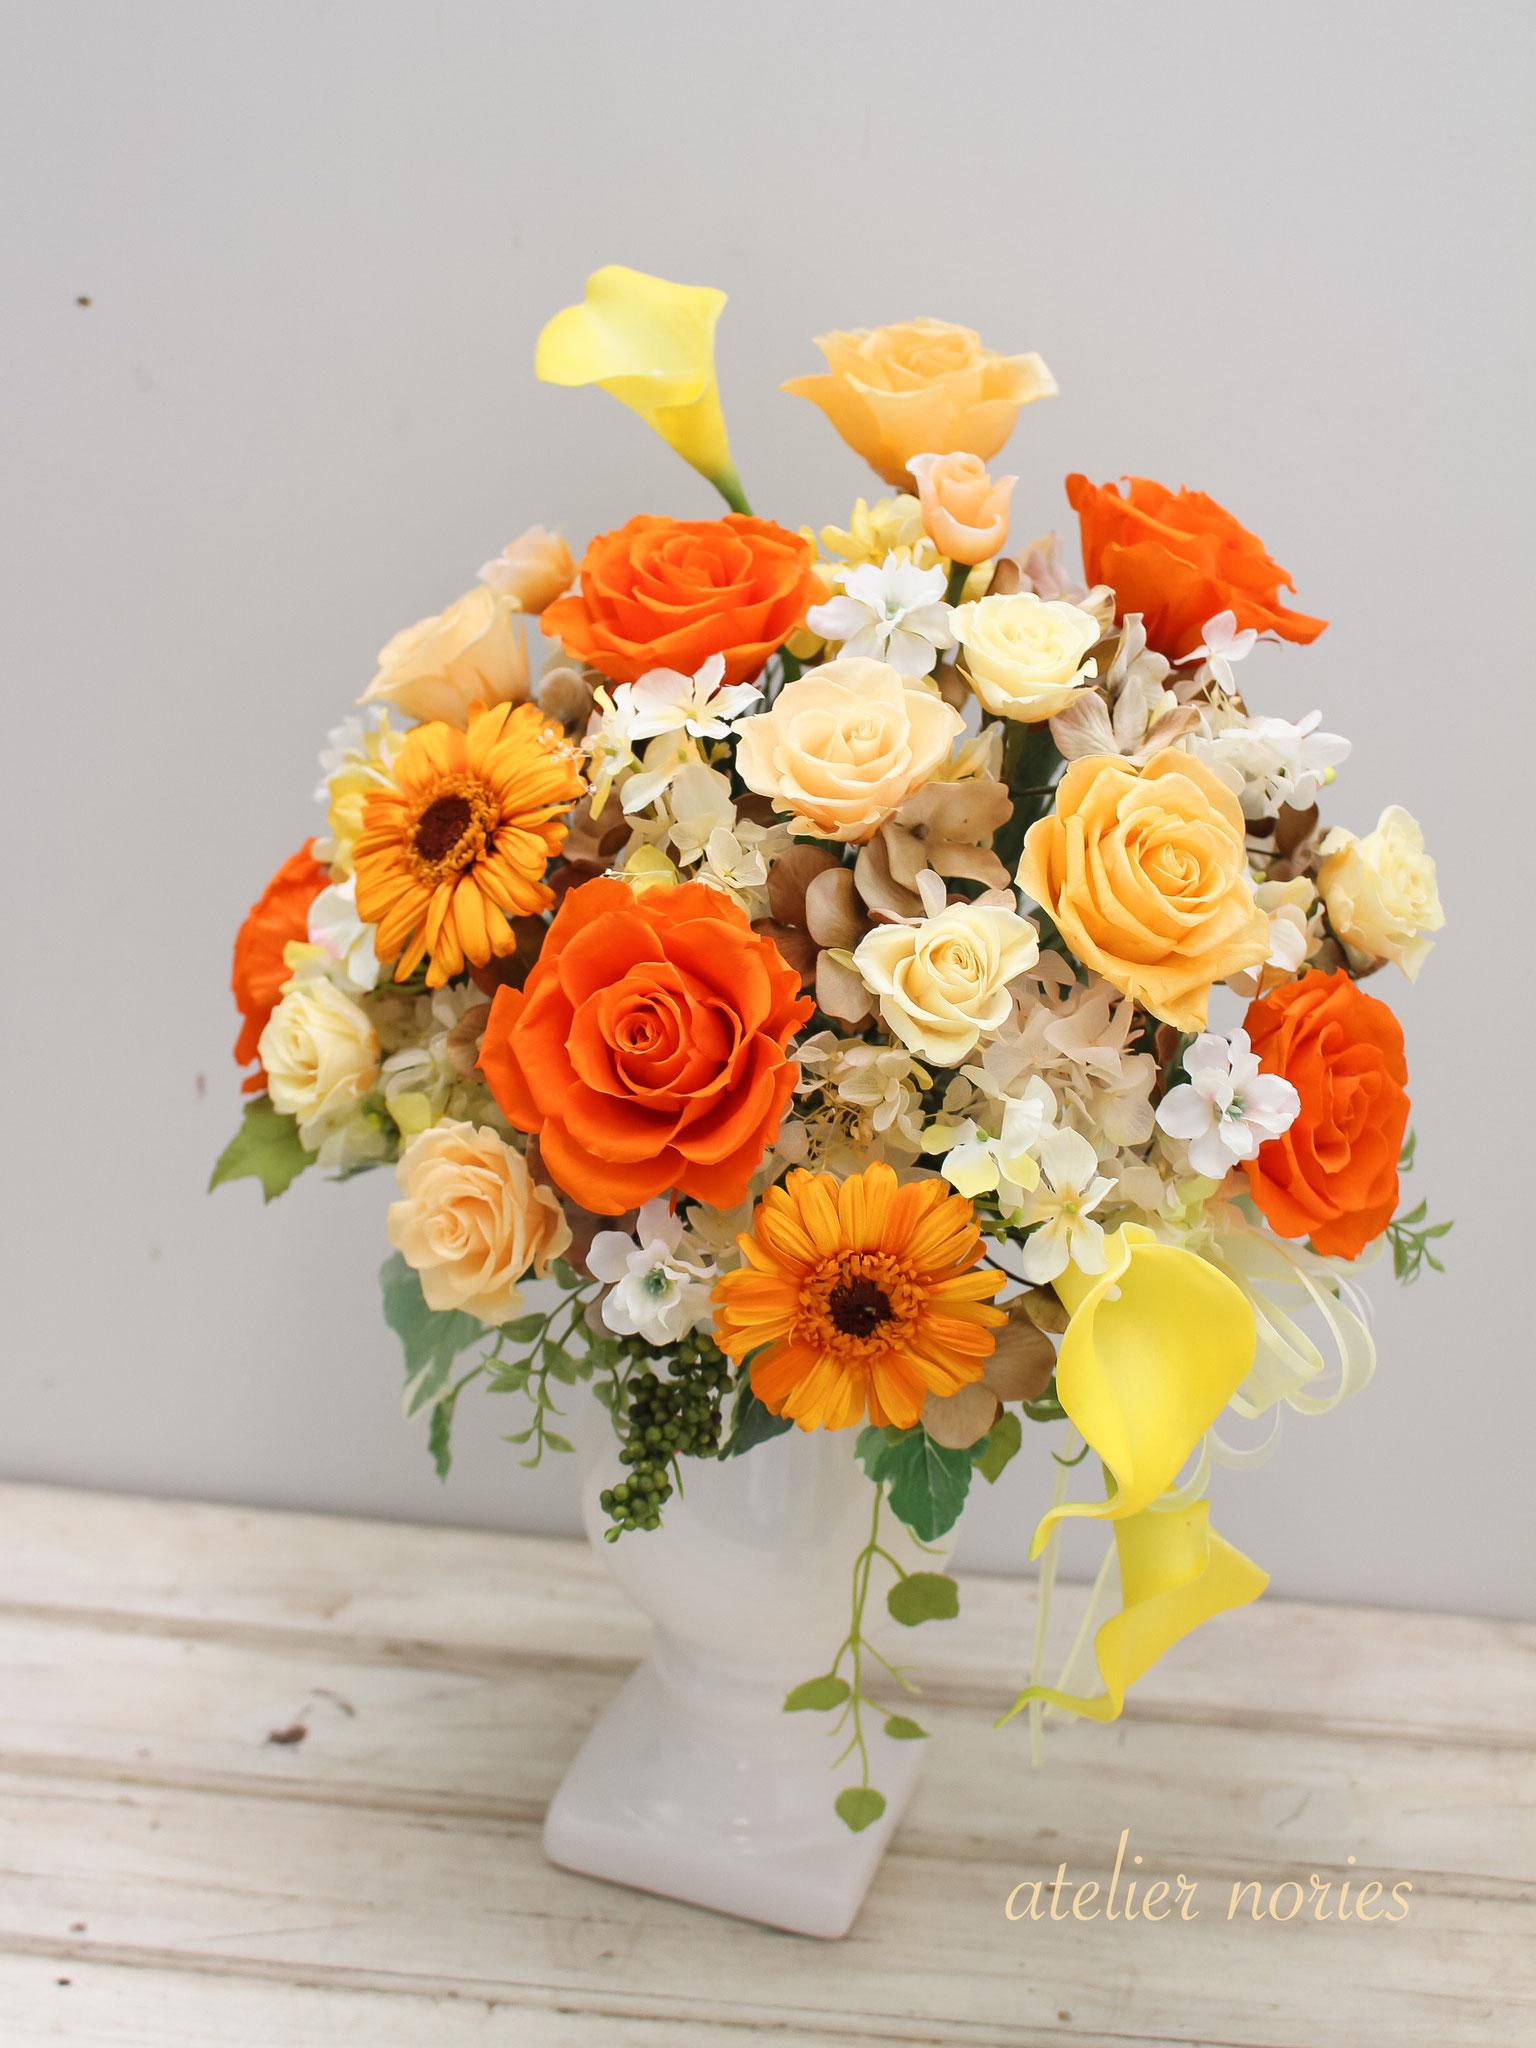 オレンジのバラとガーベラのアレンジメント